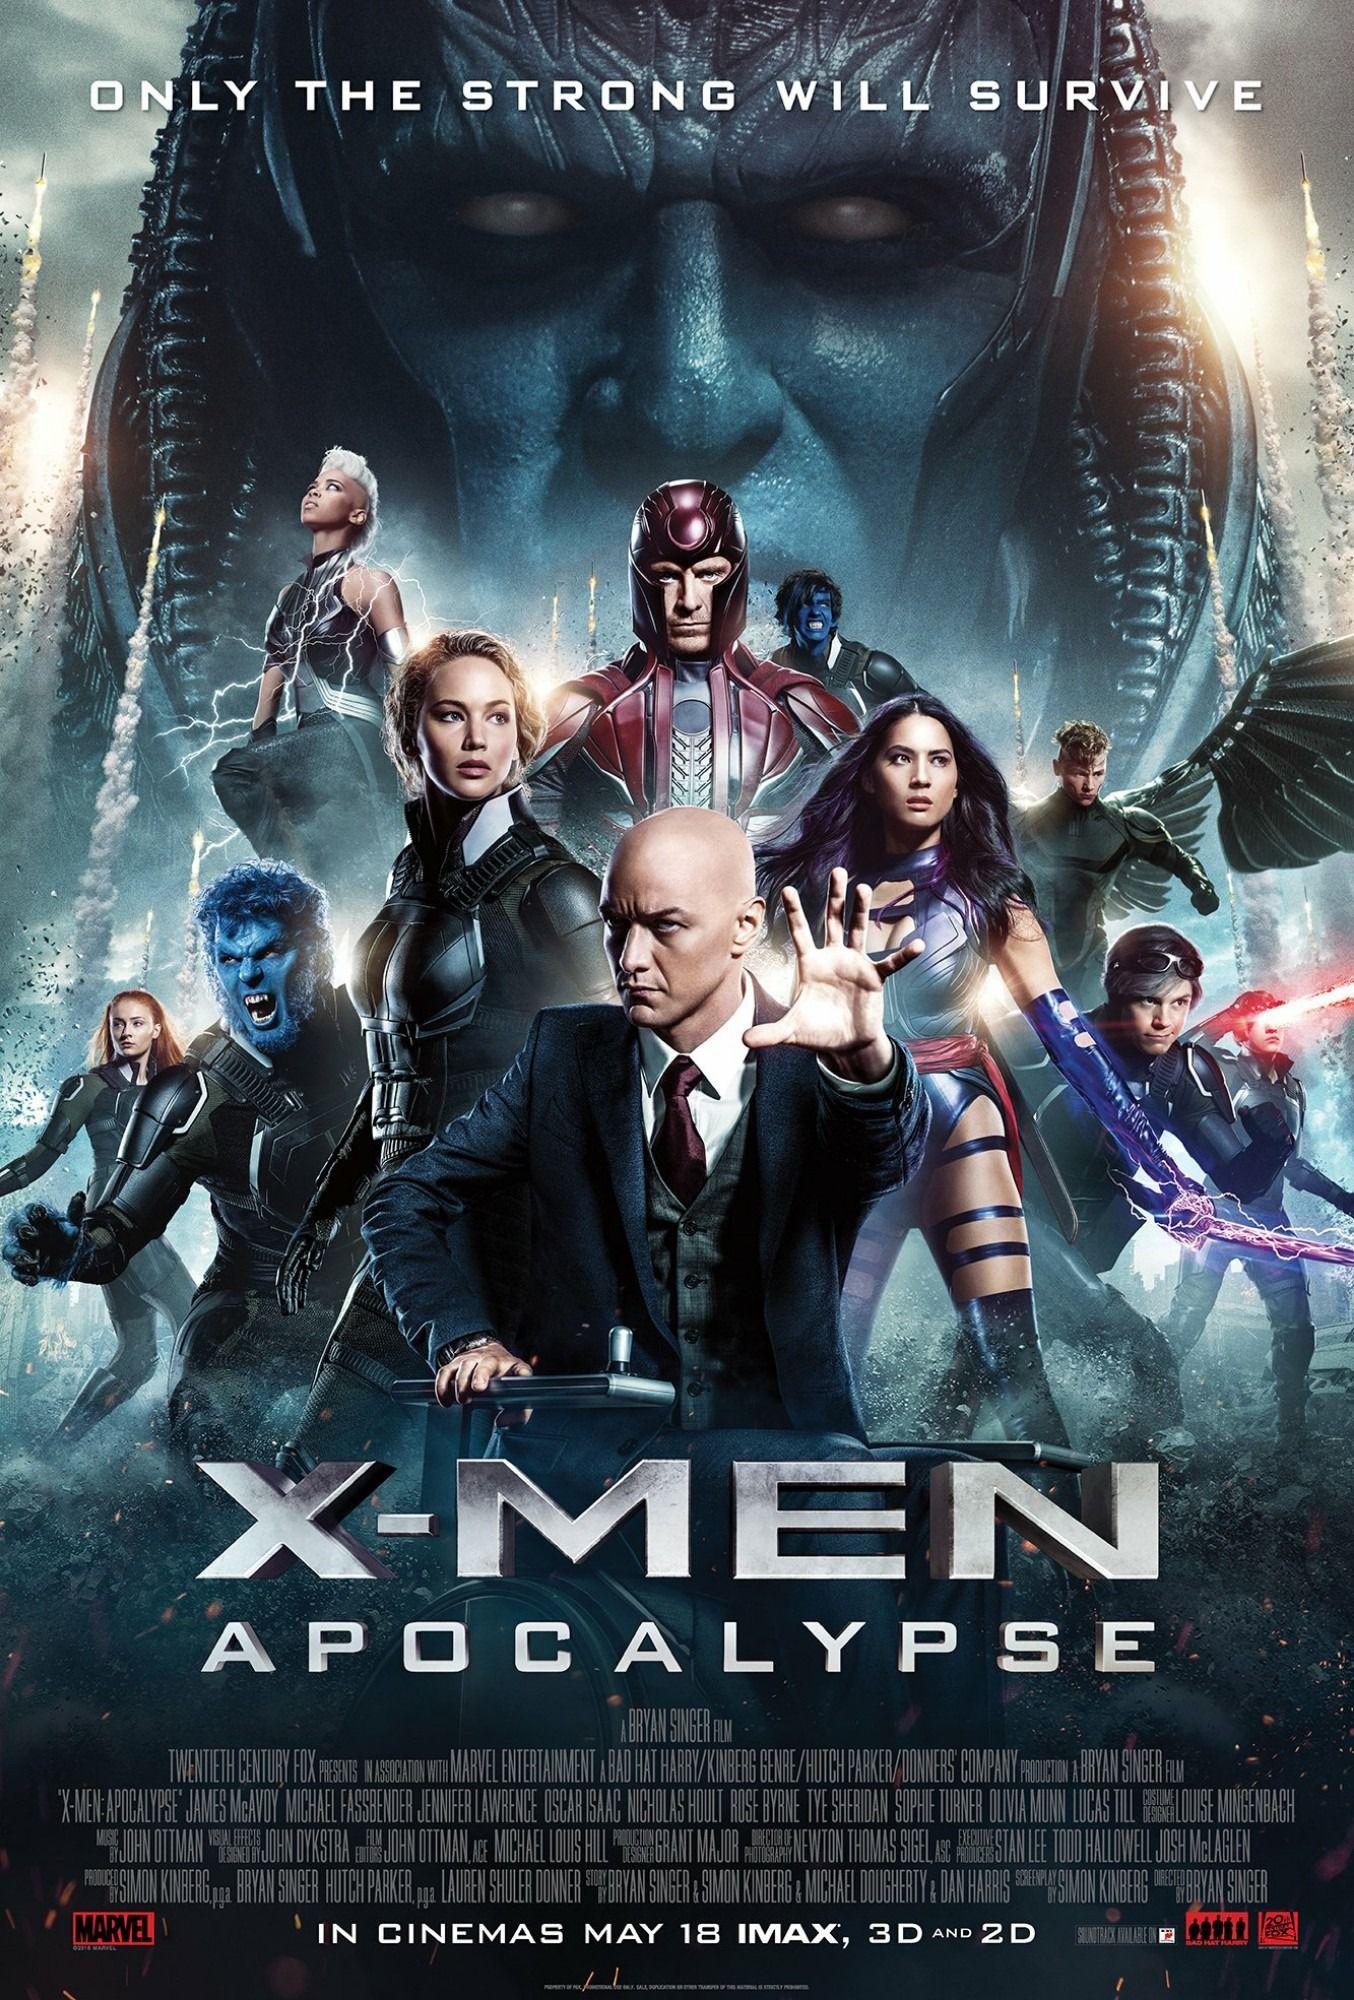 8 11 X Men Apocalypse X Men アポカリプス Tohoシネマズ川崎 Scr 3 F 13 Apocalypse Movies Man Movies Xmen Apocalypse